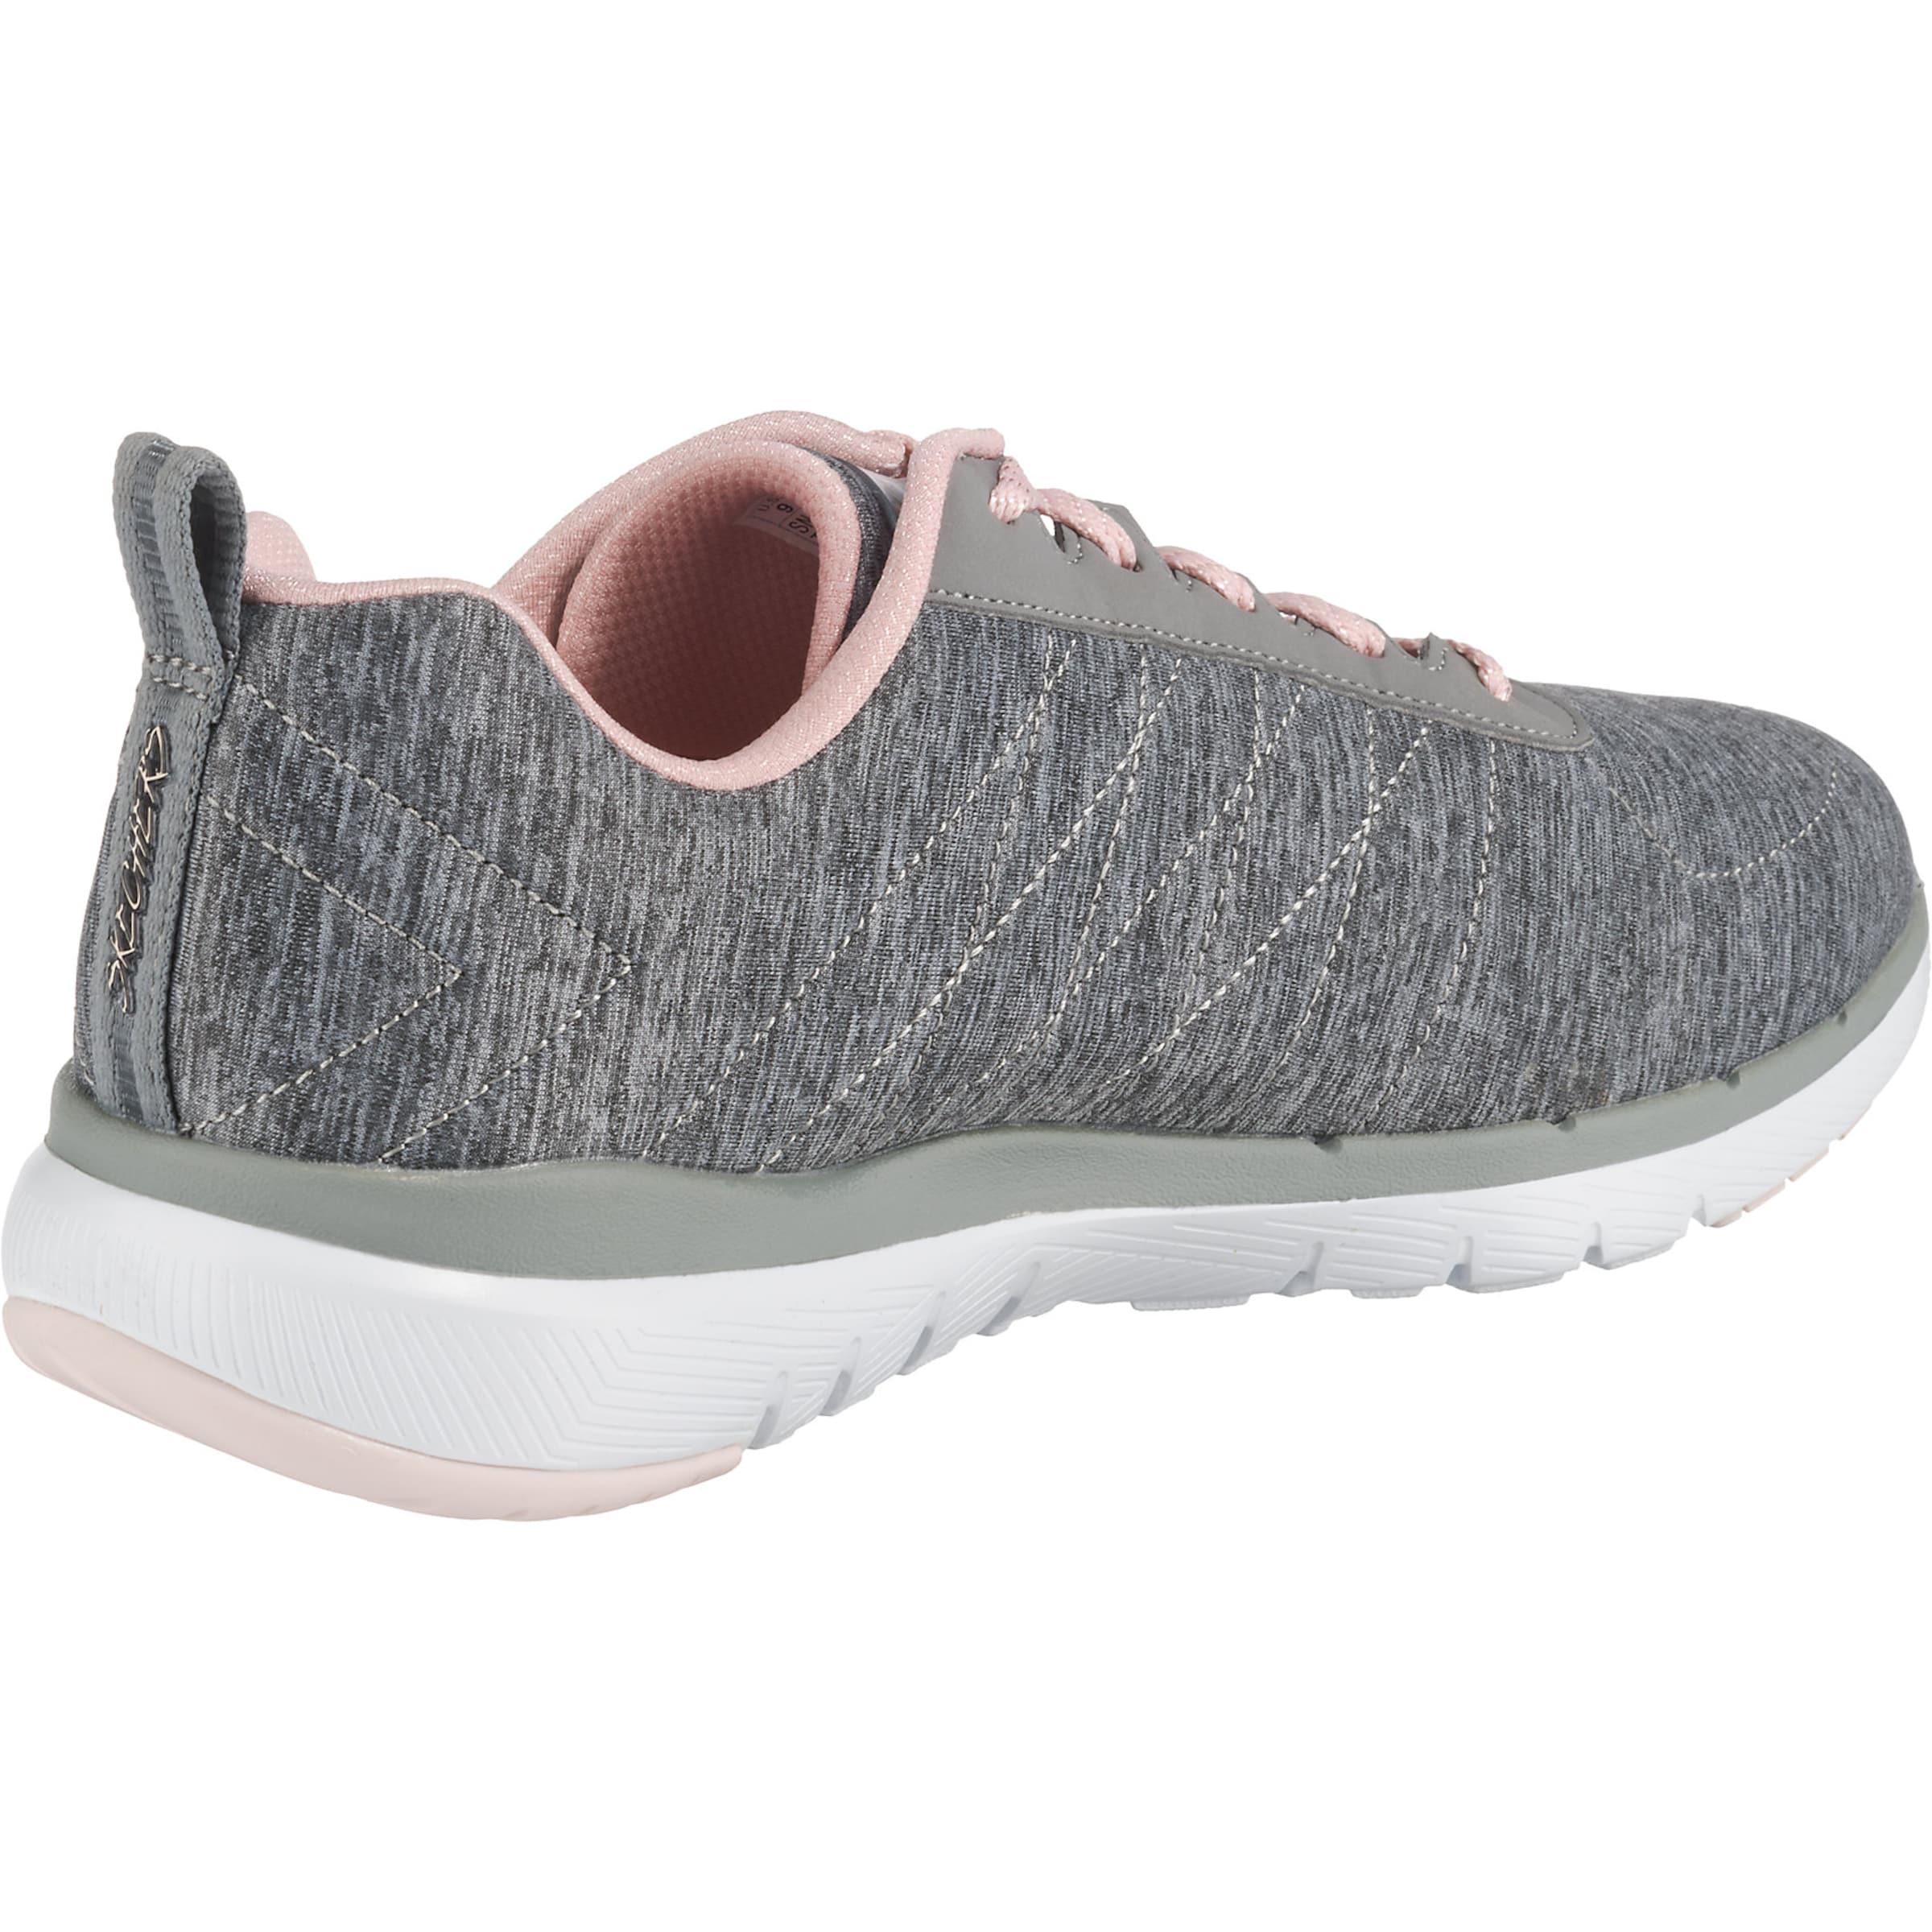 Skechers 3 GraumeliertRosa Sneaker In Appeal 0' 'flex WEIDYH29